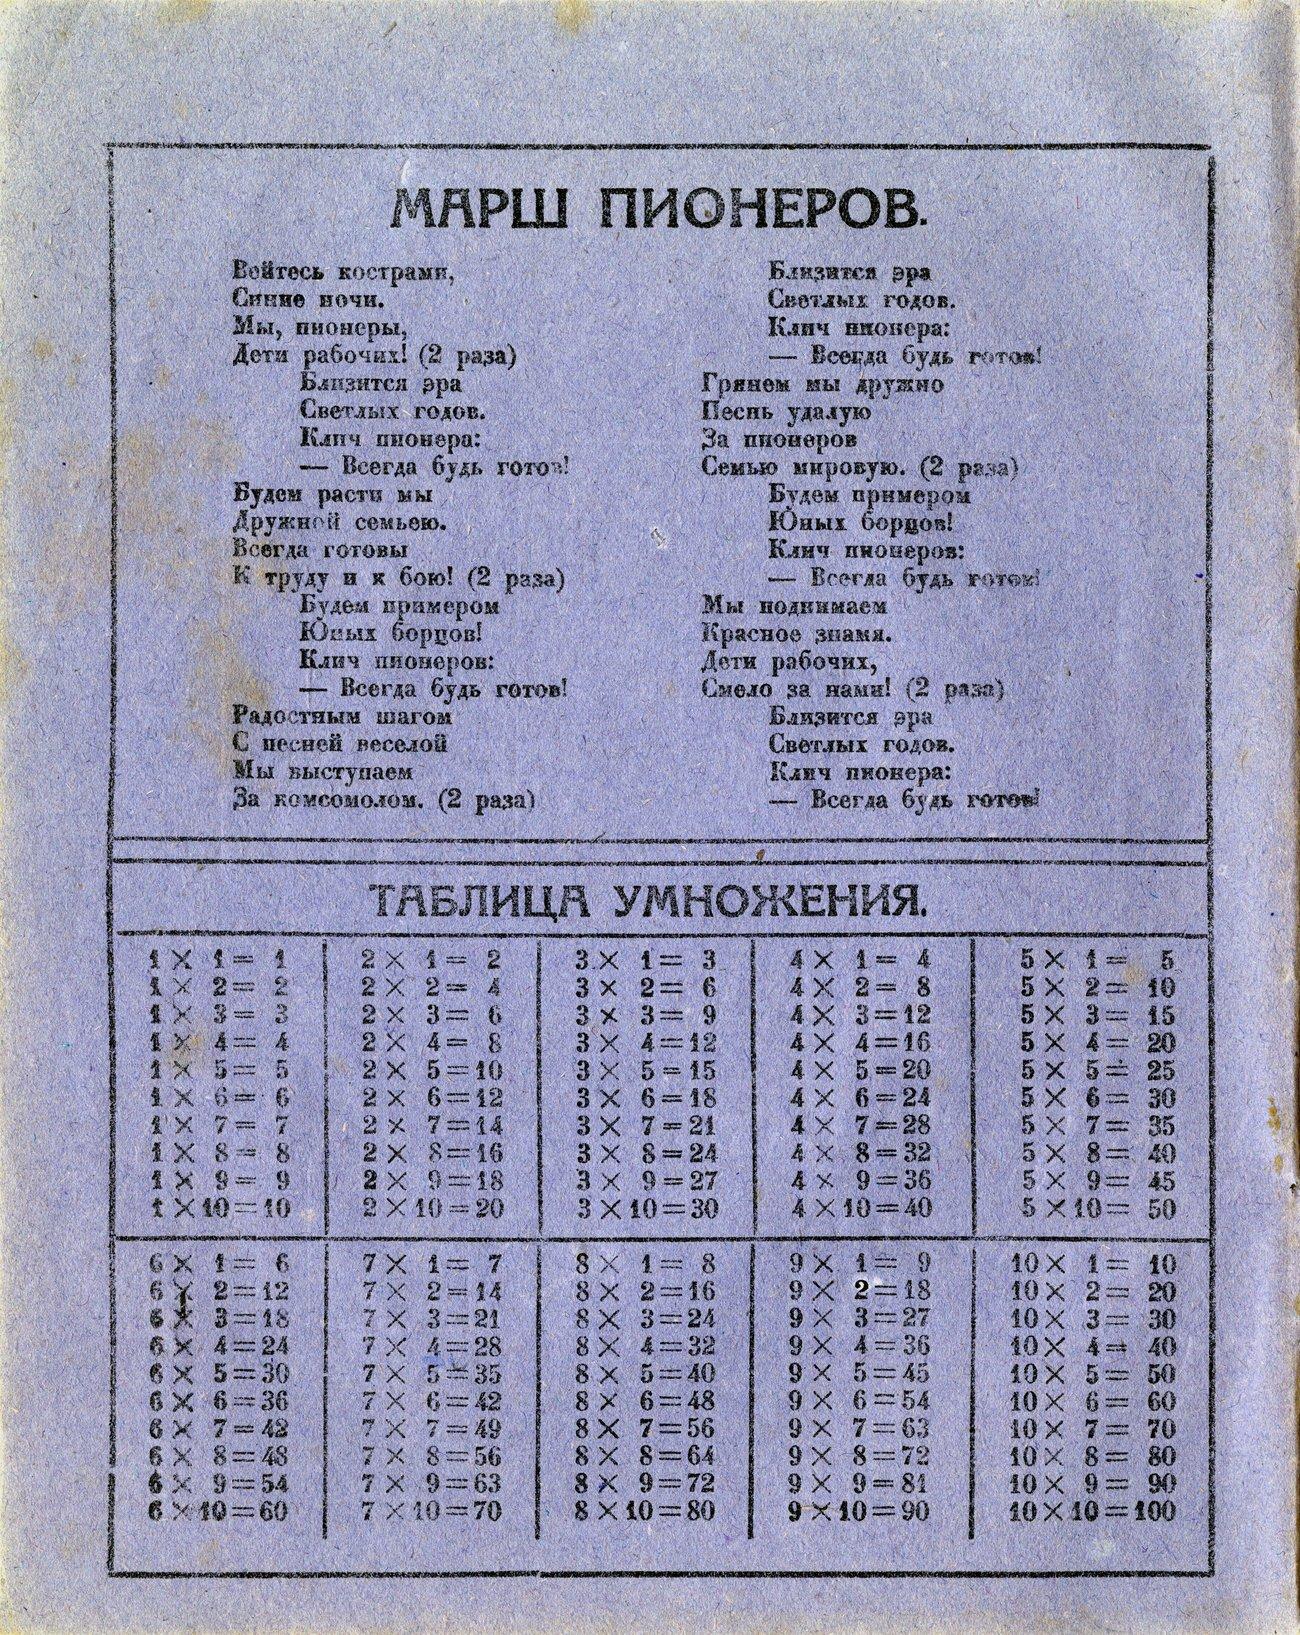 Пионерка-барабанщица, 1930, стр. 2